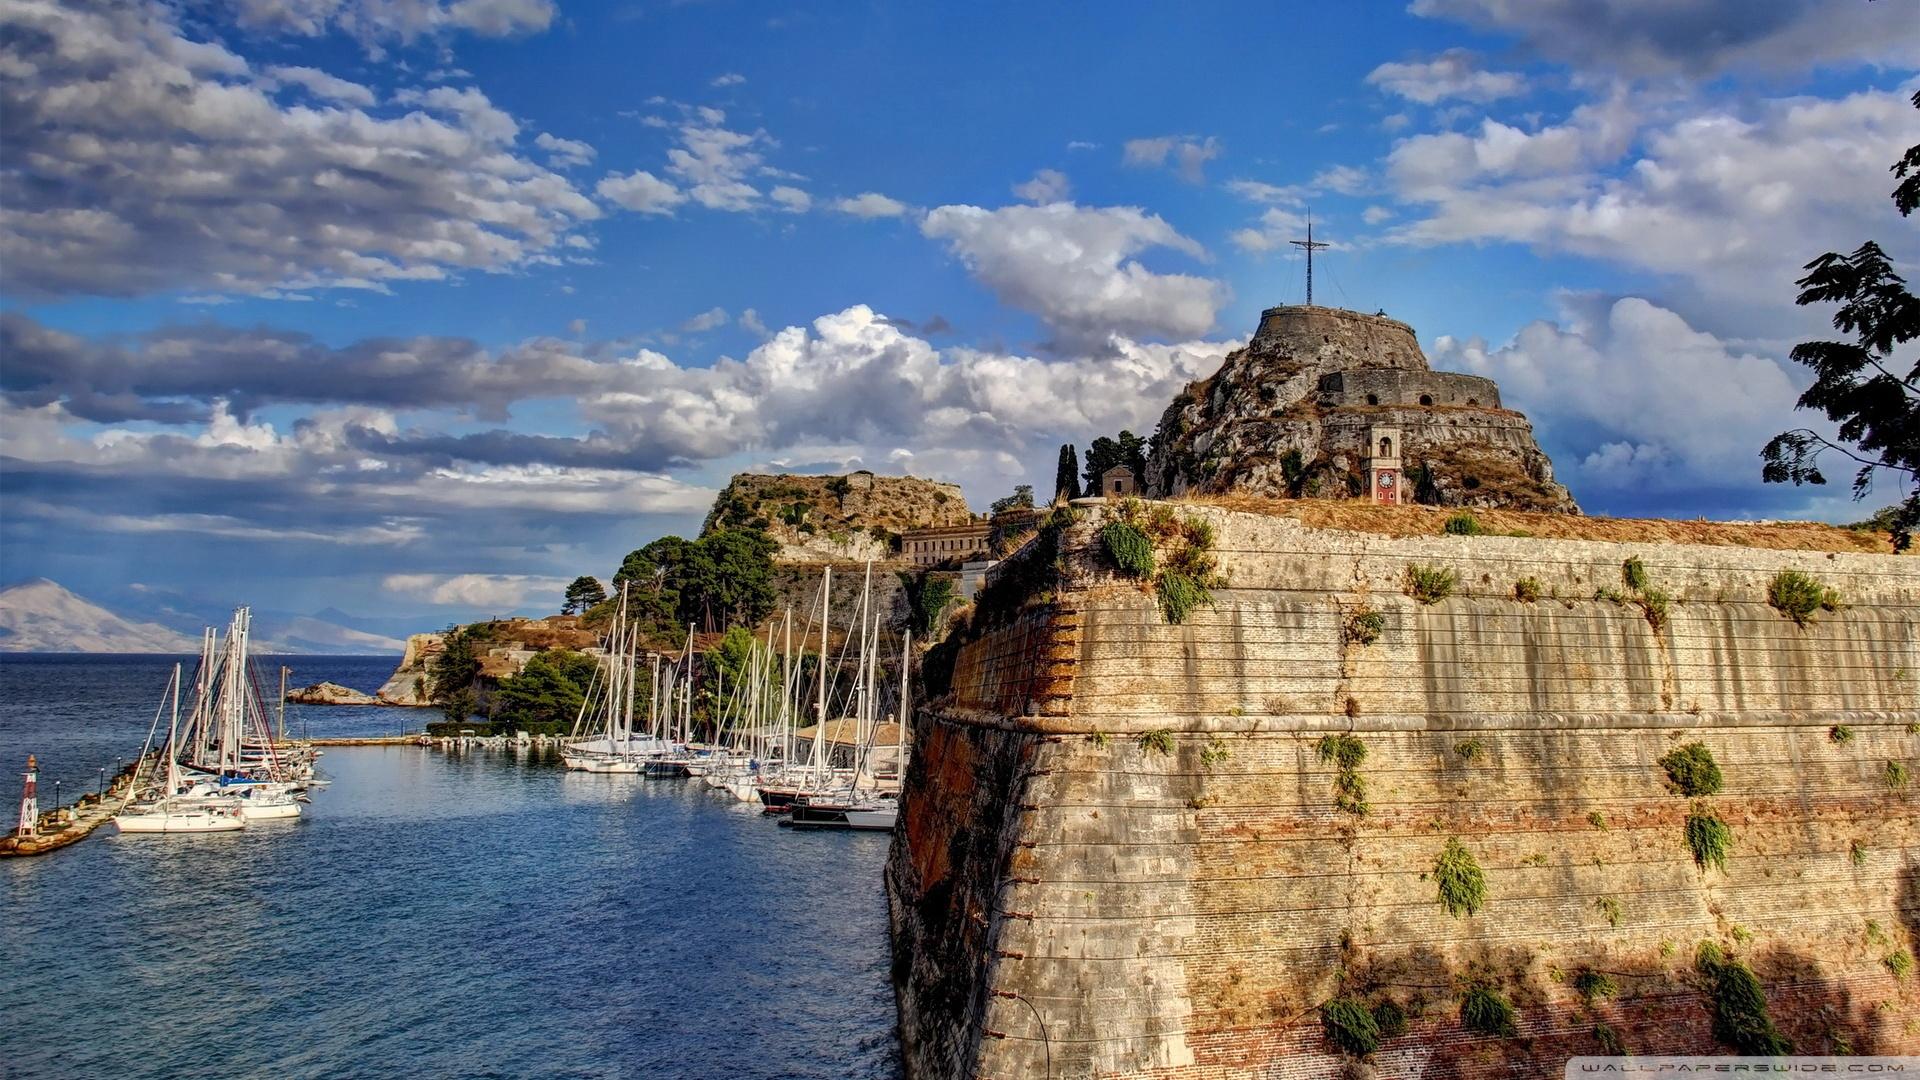 Greece Sky Coast Corfu Clouds 4K HD Desktop Wallpaper for 4K 1920x1080